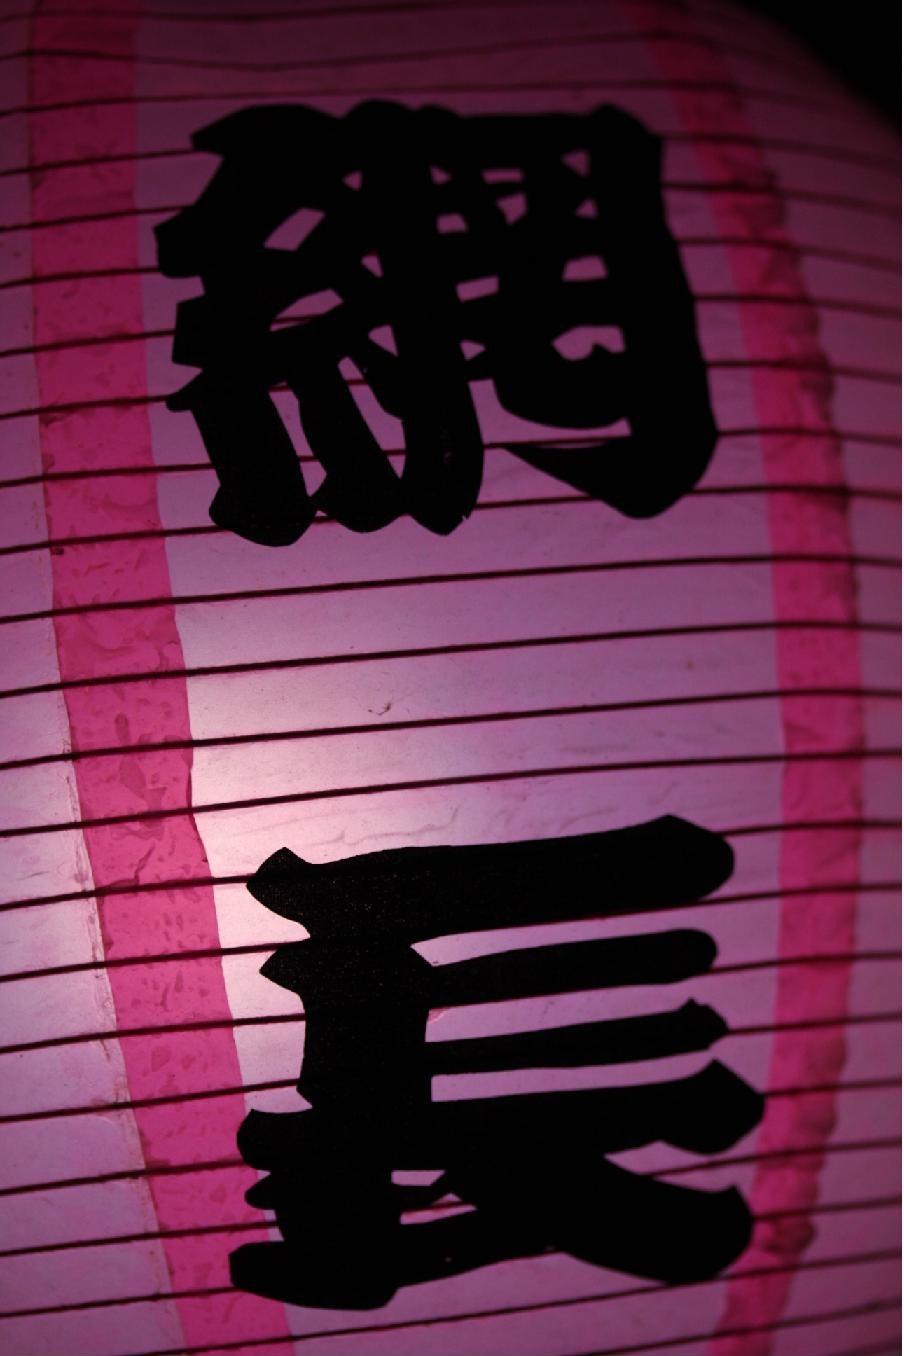 d0133693_2010054.jpg